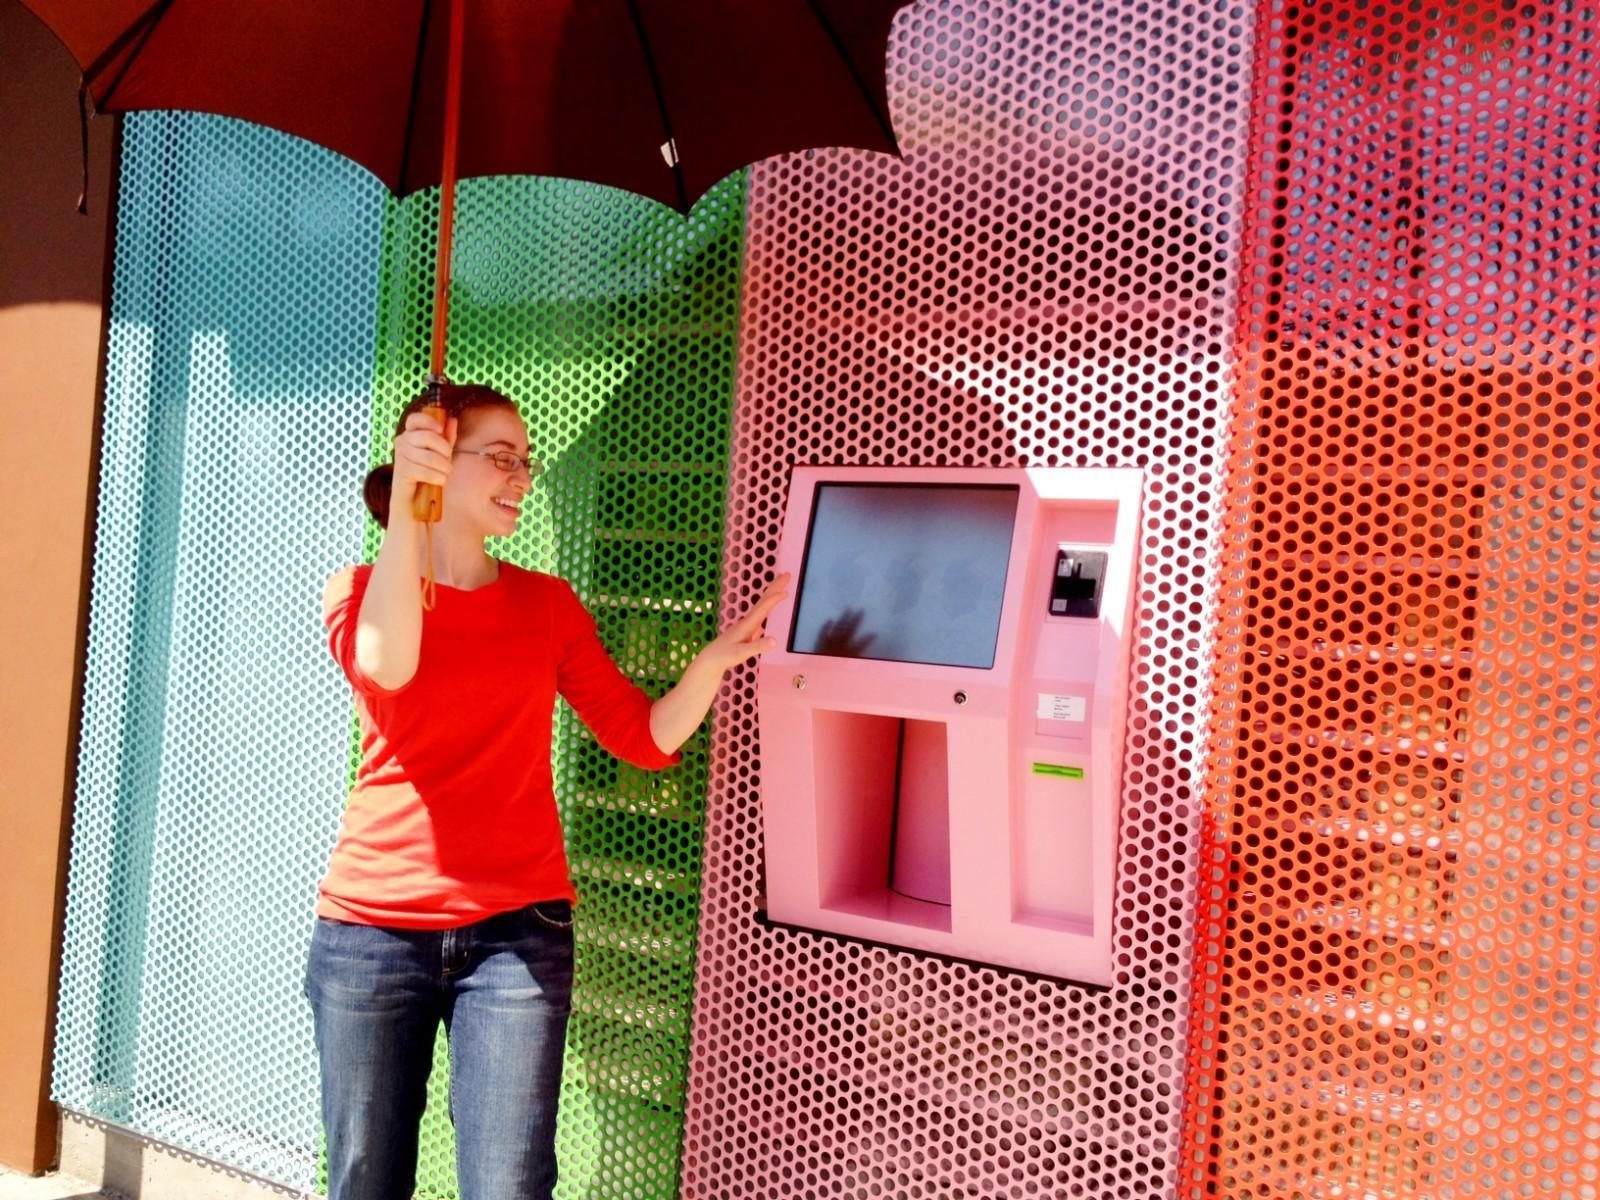 世界のめずらしい自動販売機をまとめてみた!金やipodも!